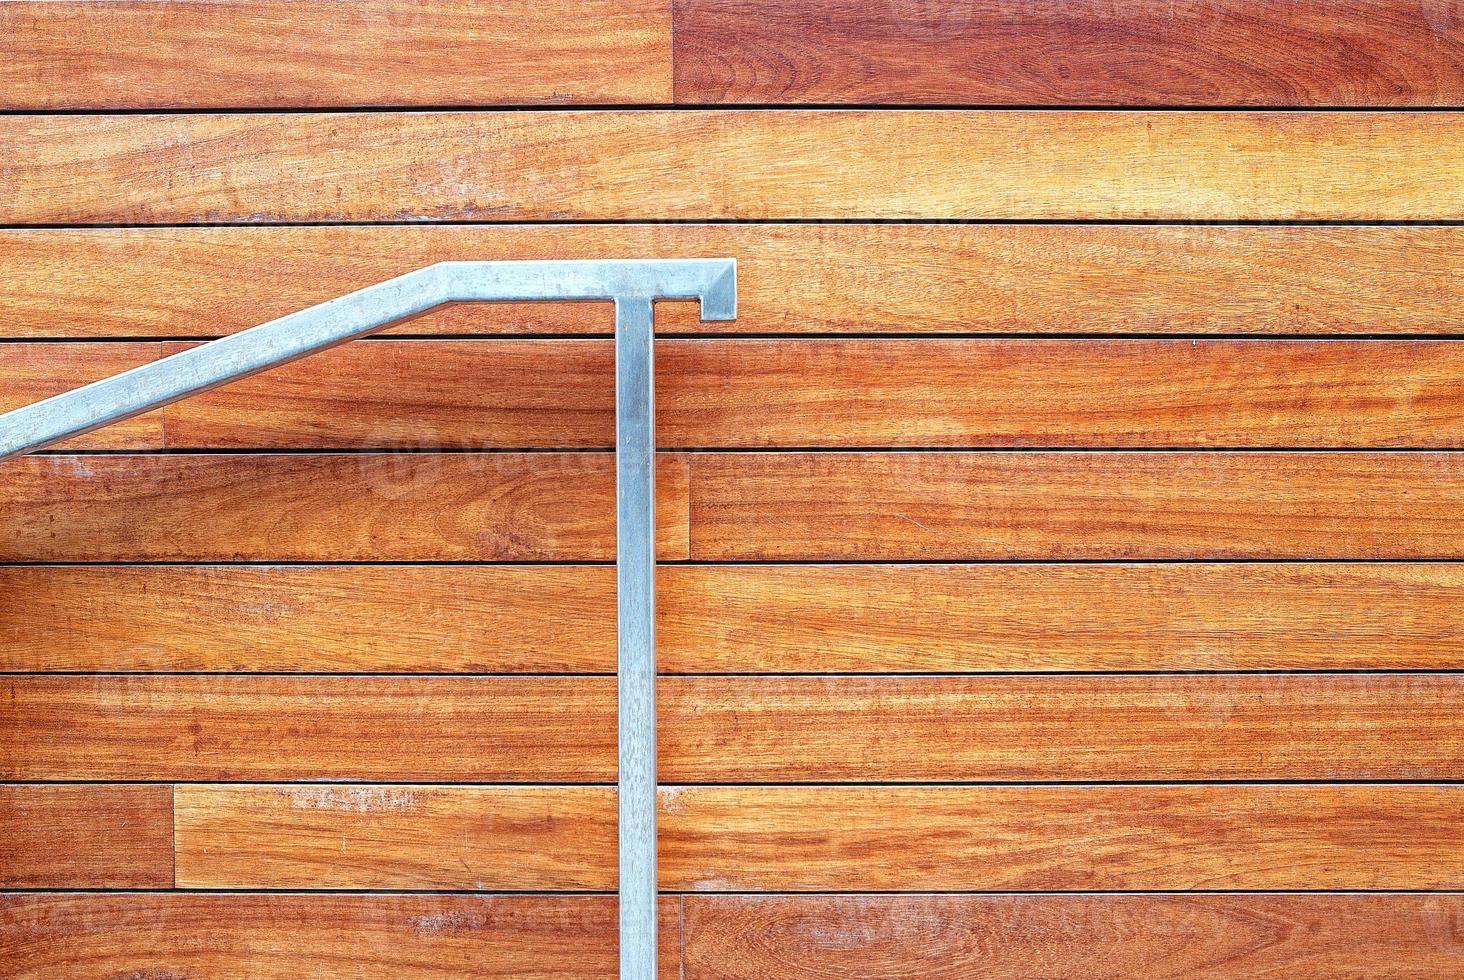 metalen reling op houten achtergrondgevels foto